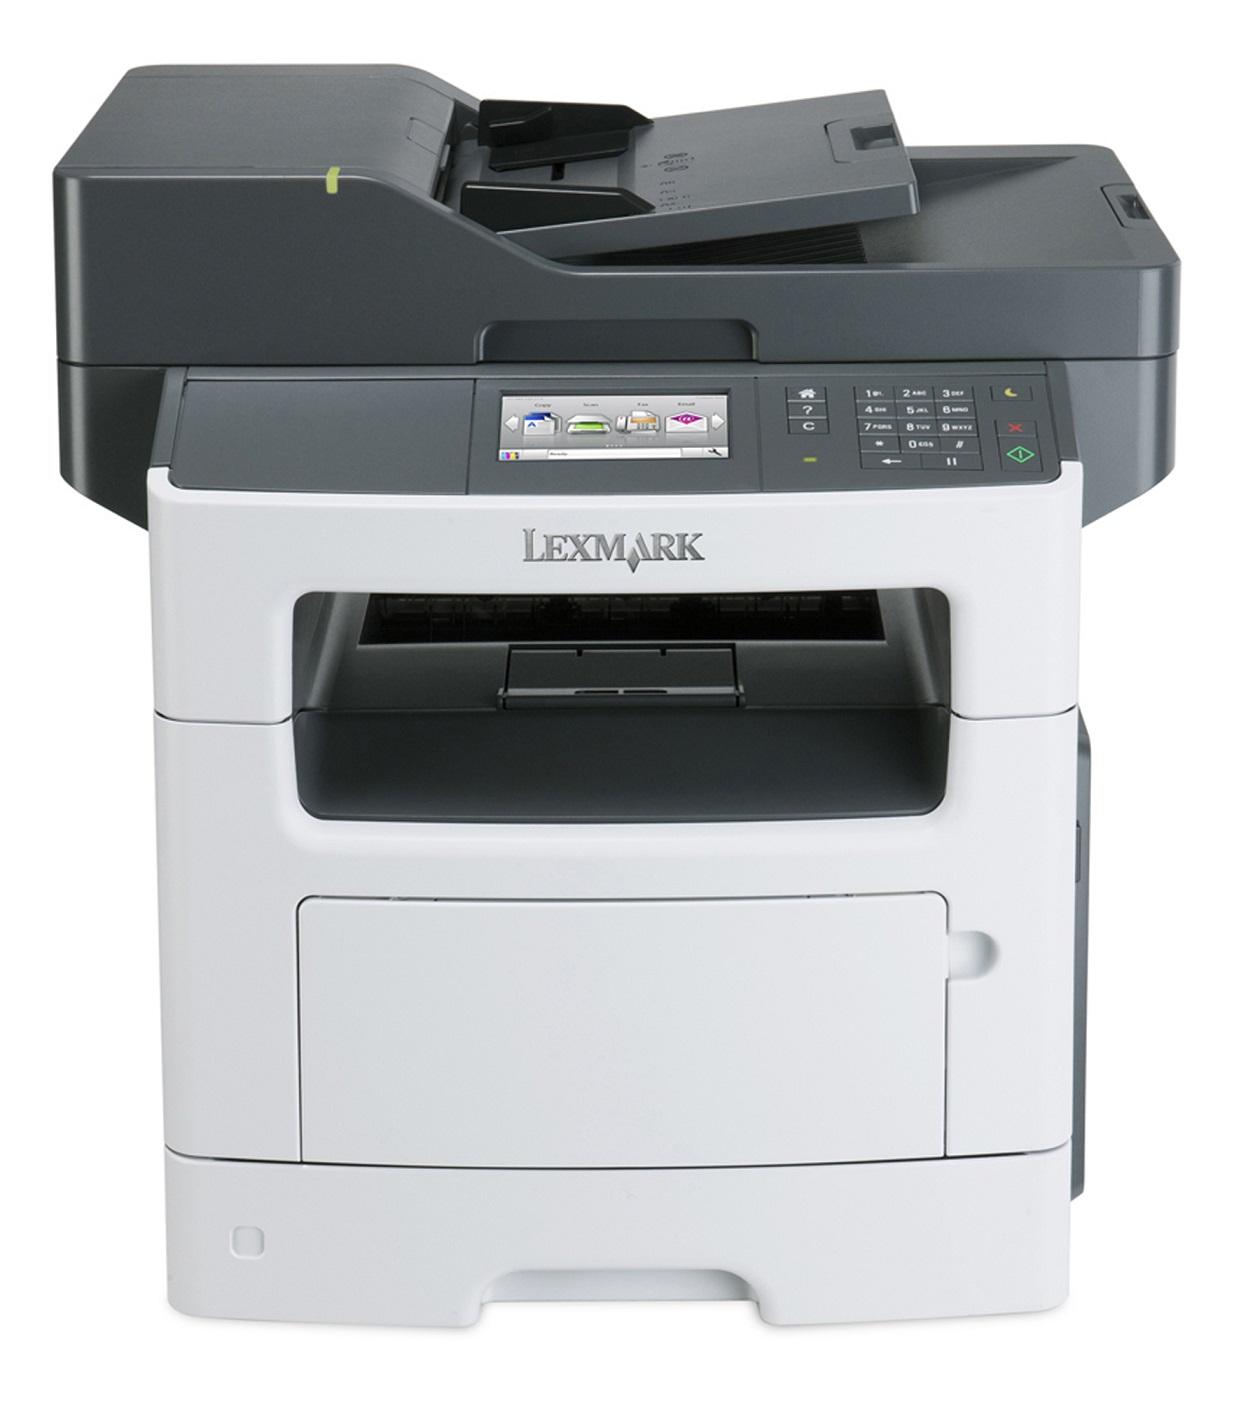 LEXMARK tiskárna MX511de MFP multifunkční A4 MONOCHROM LASER, 512MB, 32ppm USB/LAN, duplex, dotykový LCD